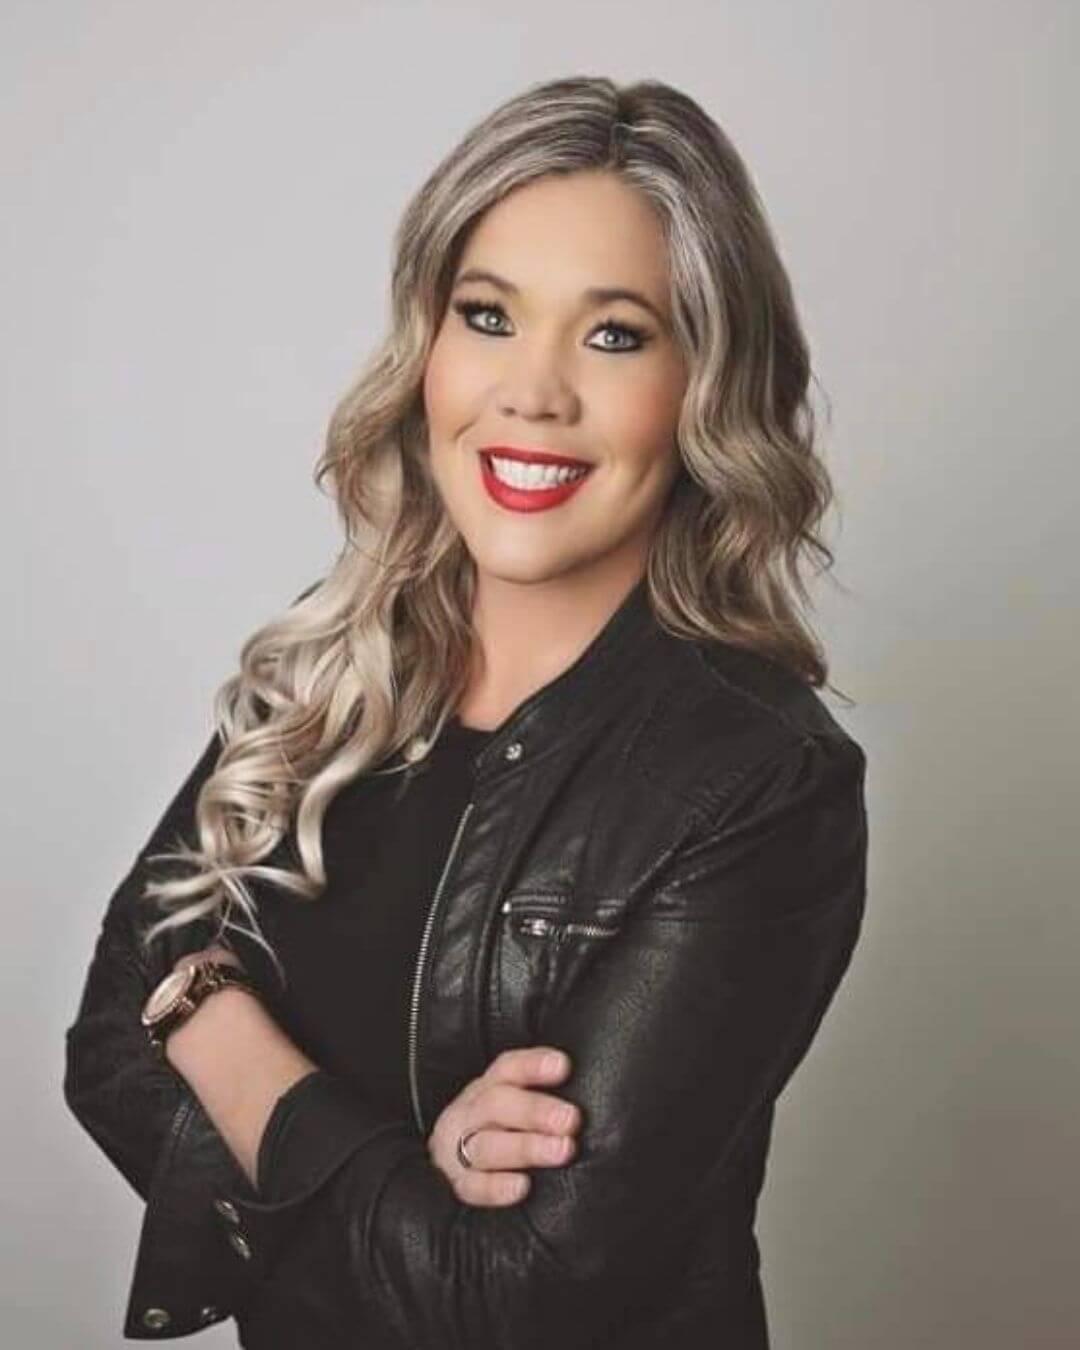 Candice DeMaere